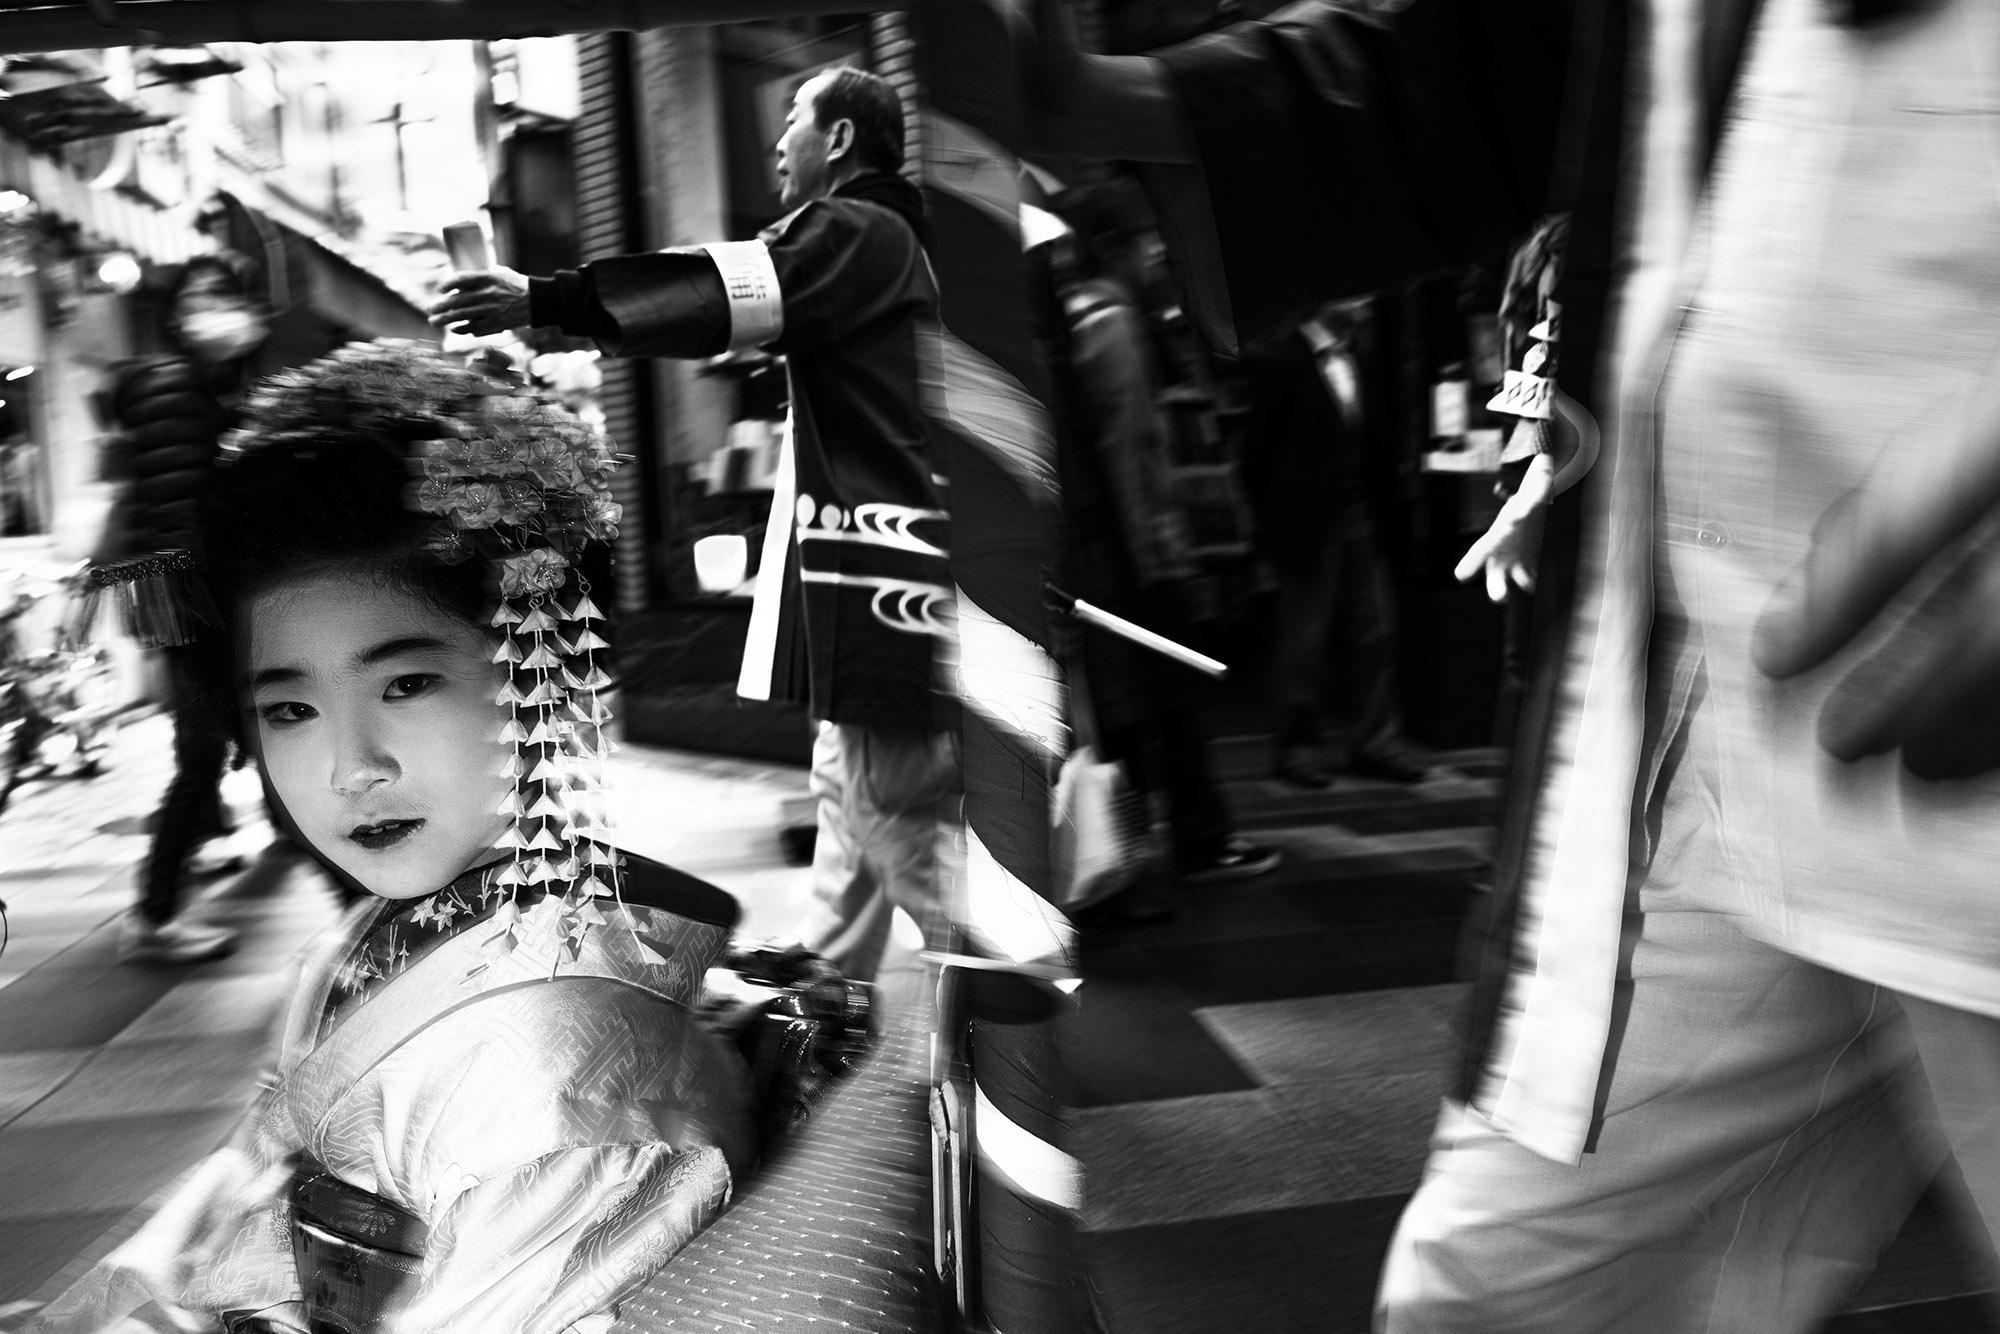 Photographie de voyage en noir et blanc de Daniele Esposito. Une femme dans les rues de Kyoto, Japon